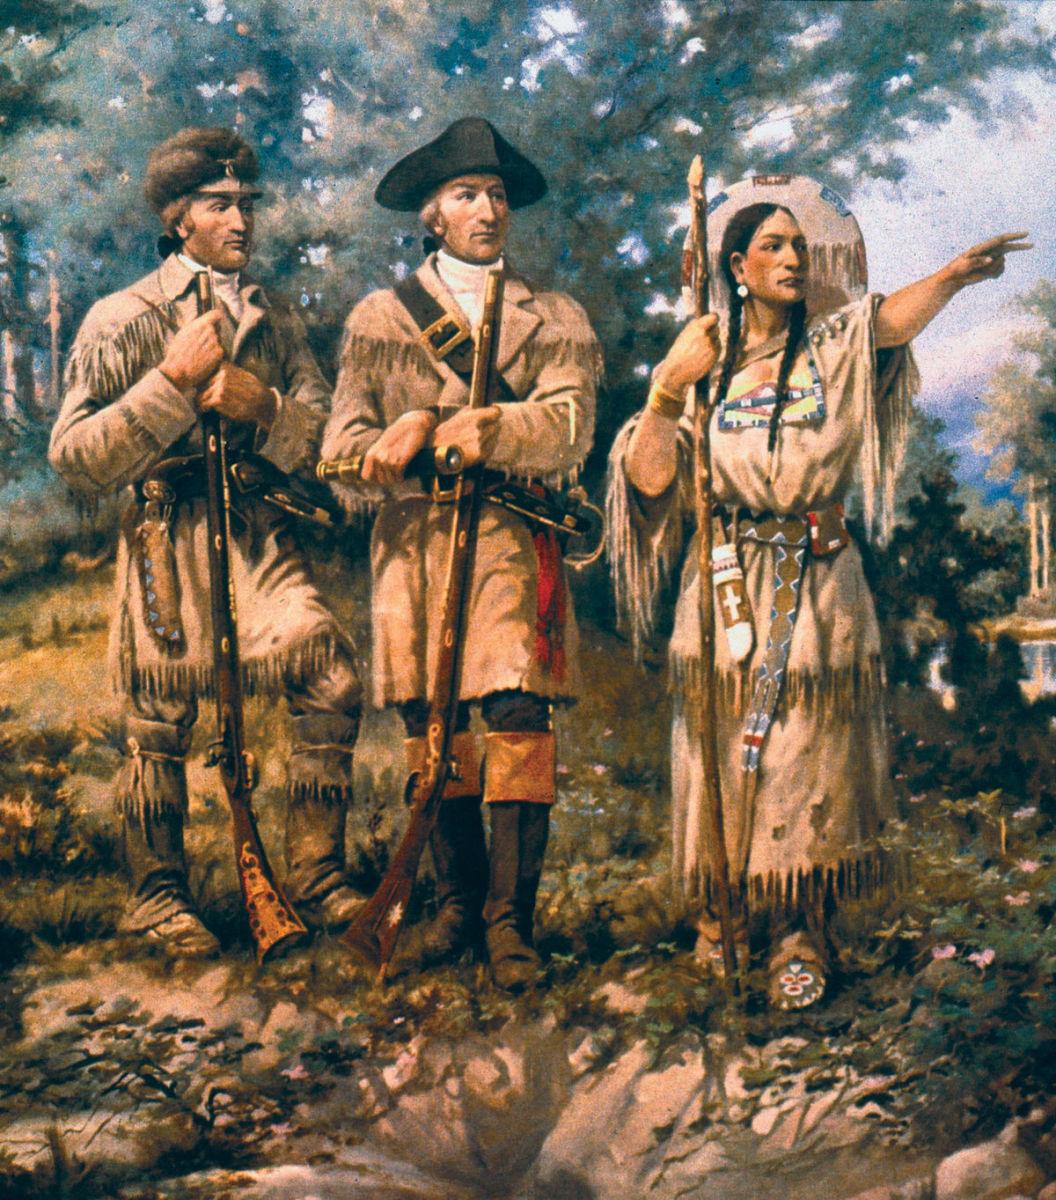 Sacagawea on the Expedition